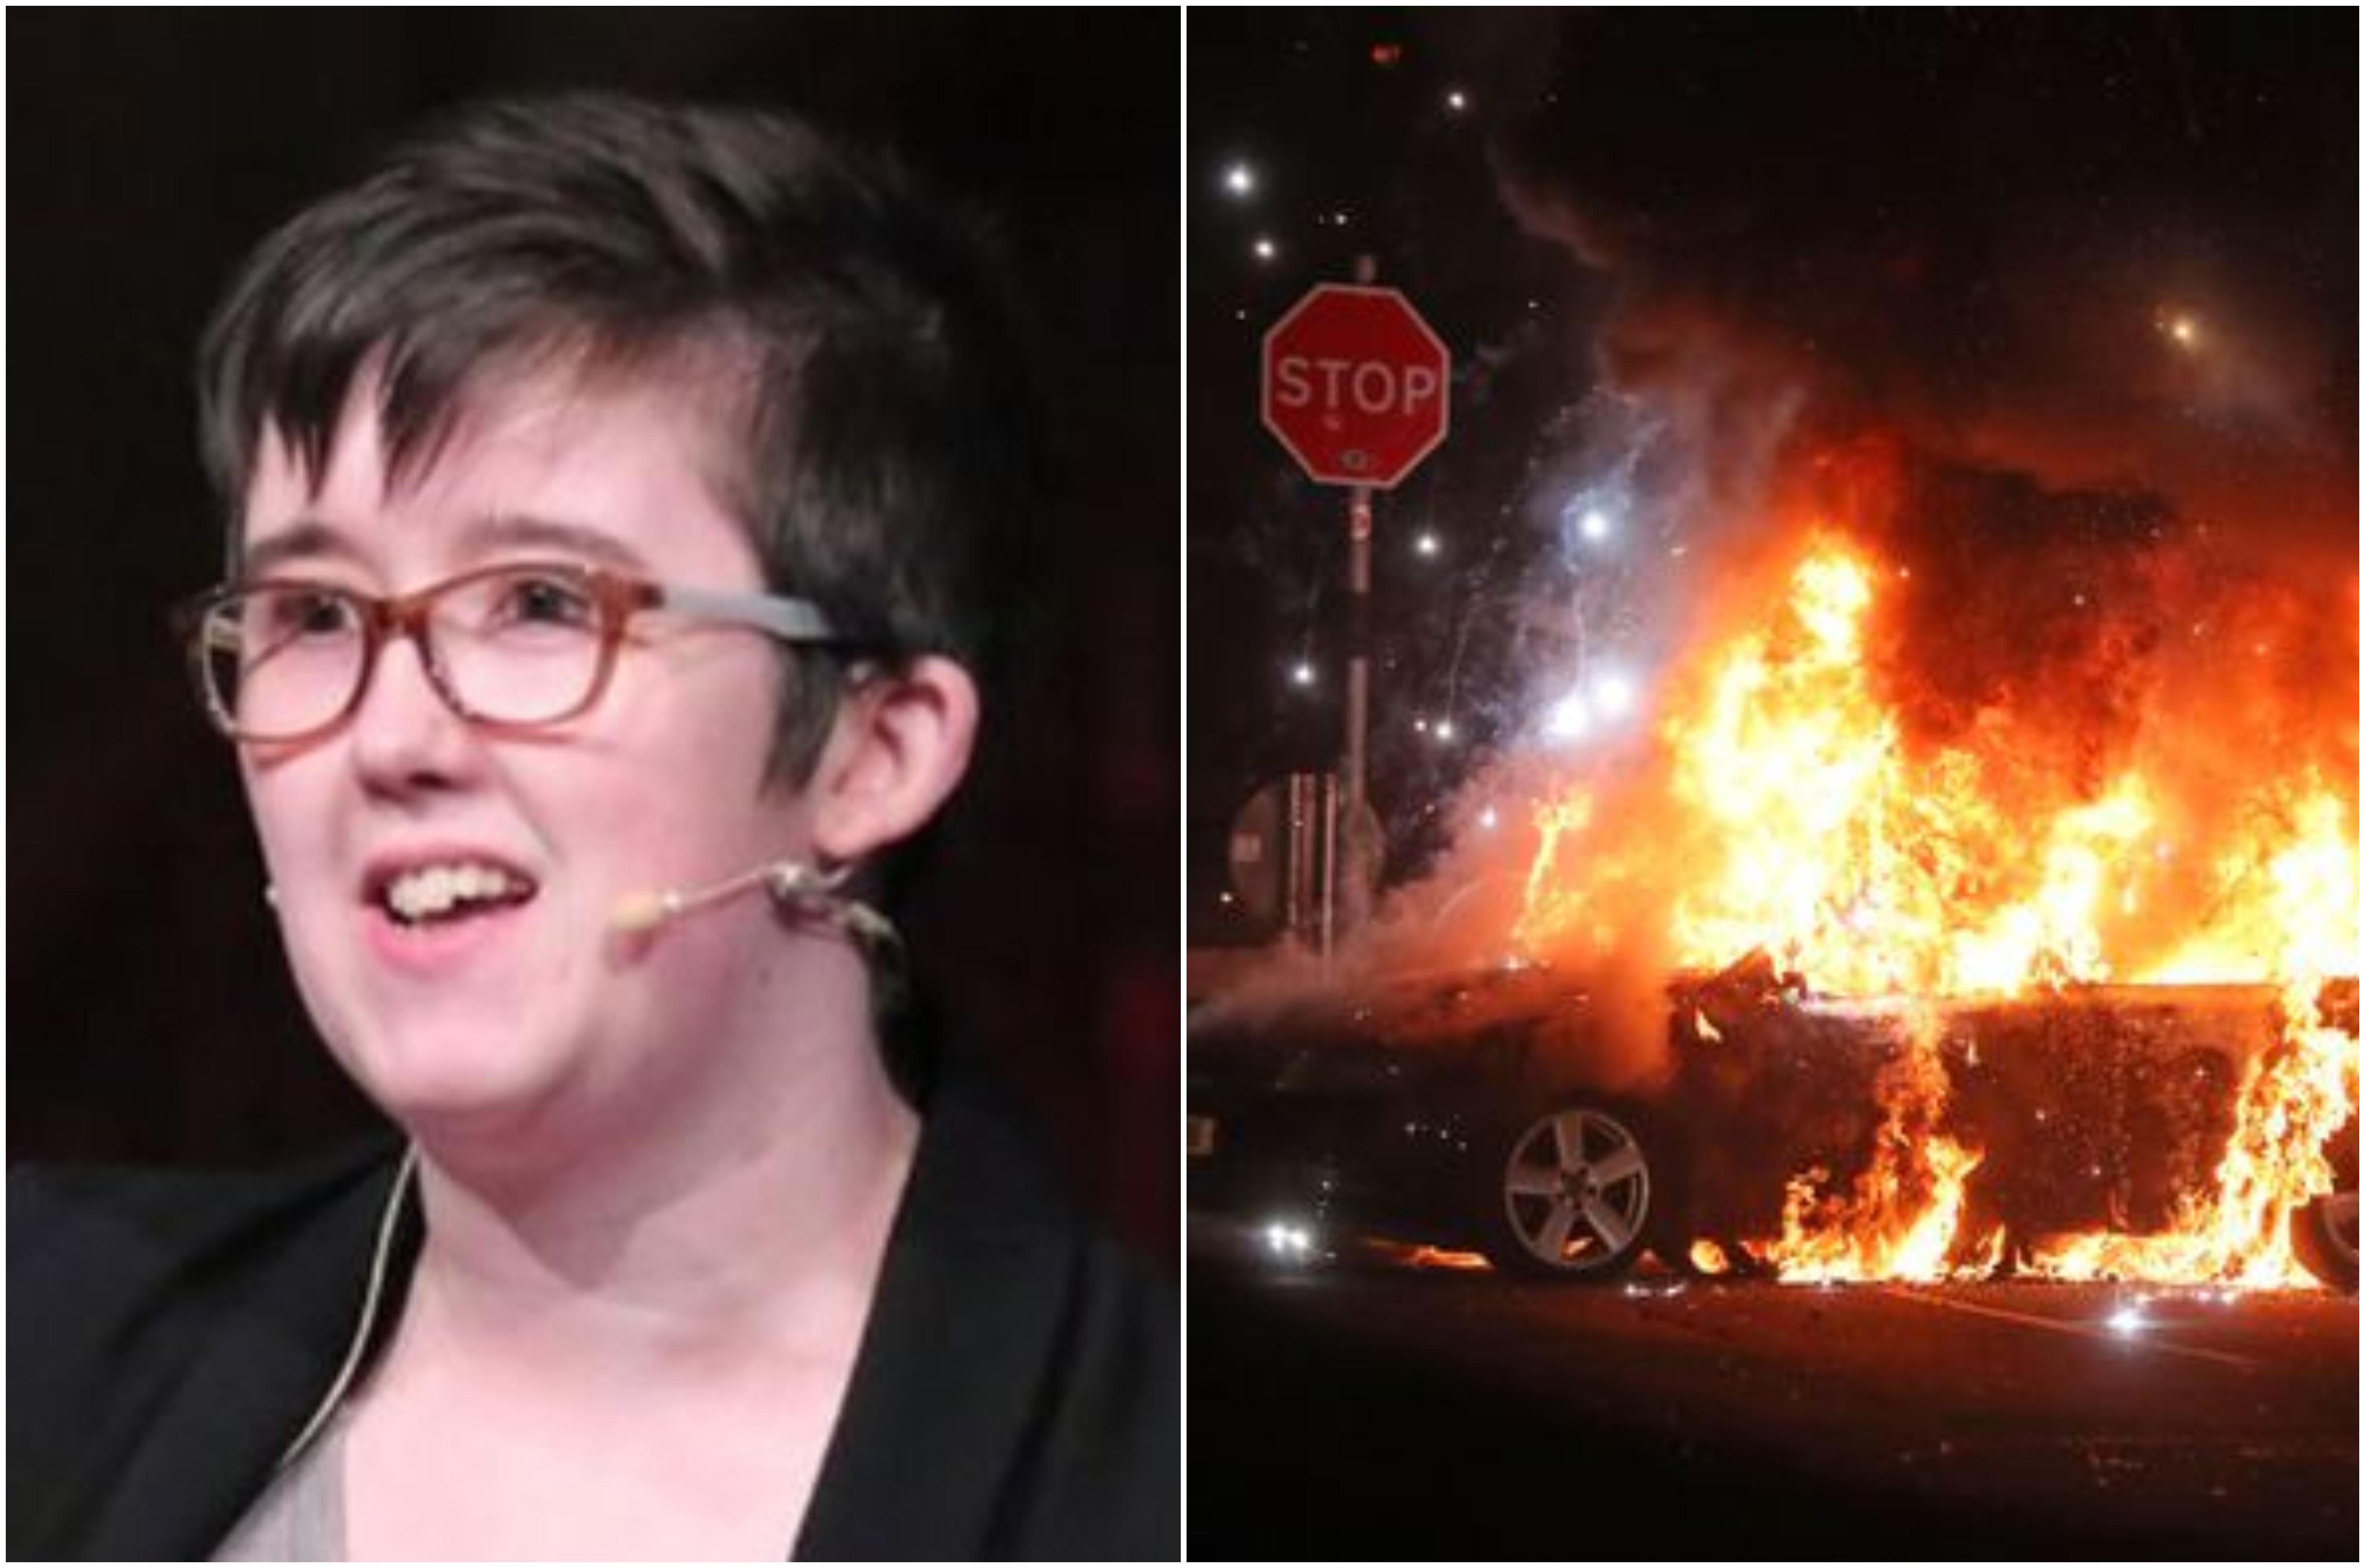 Atacul Din Noua Zeelanda: Cine Este Jurnalista UCISA In Atacul TERORIST Din Irlanda